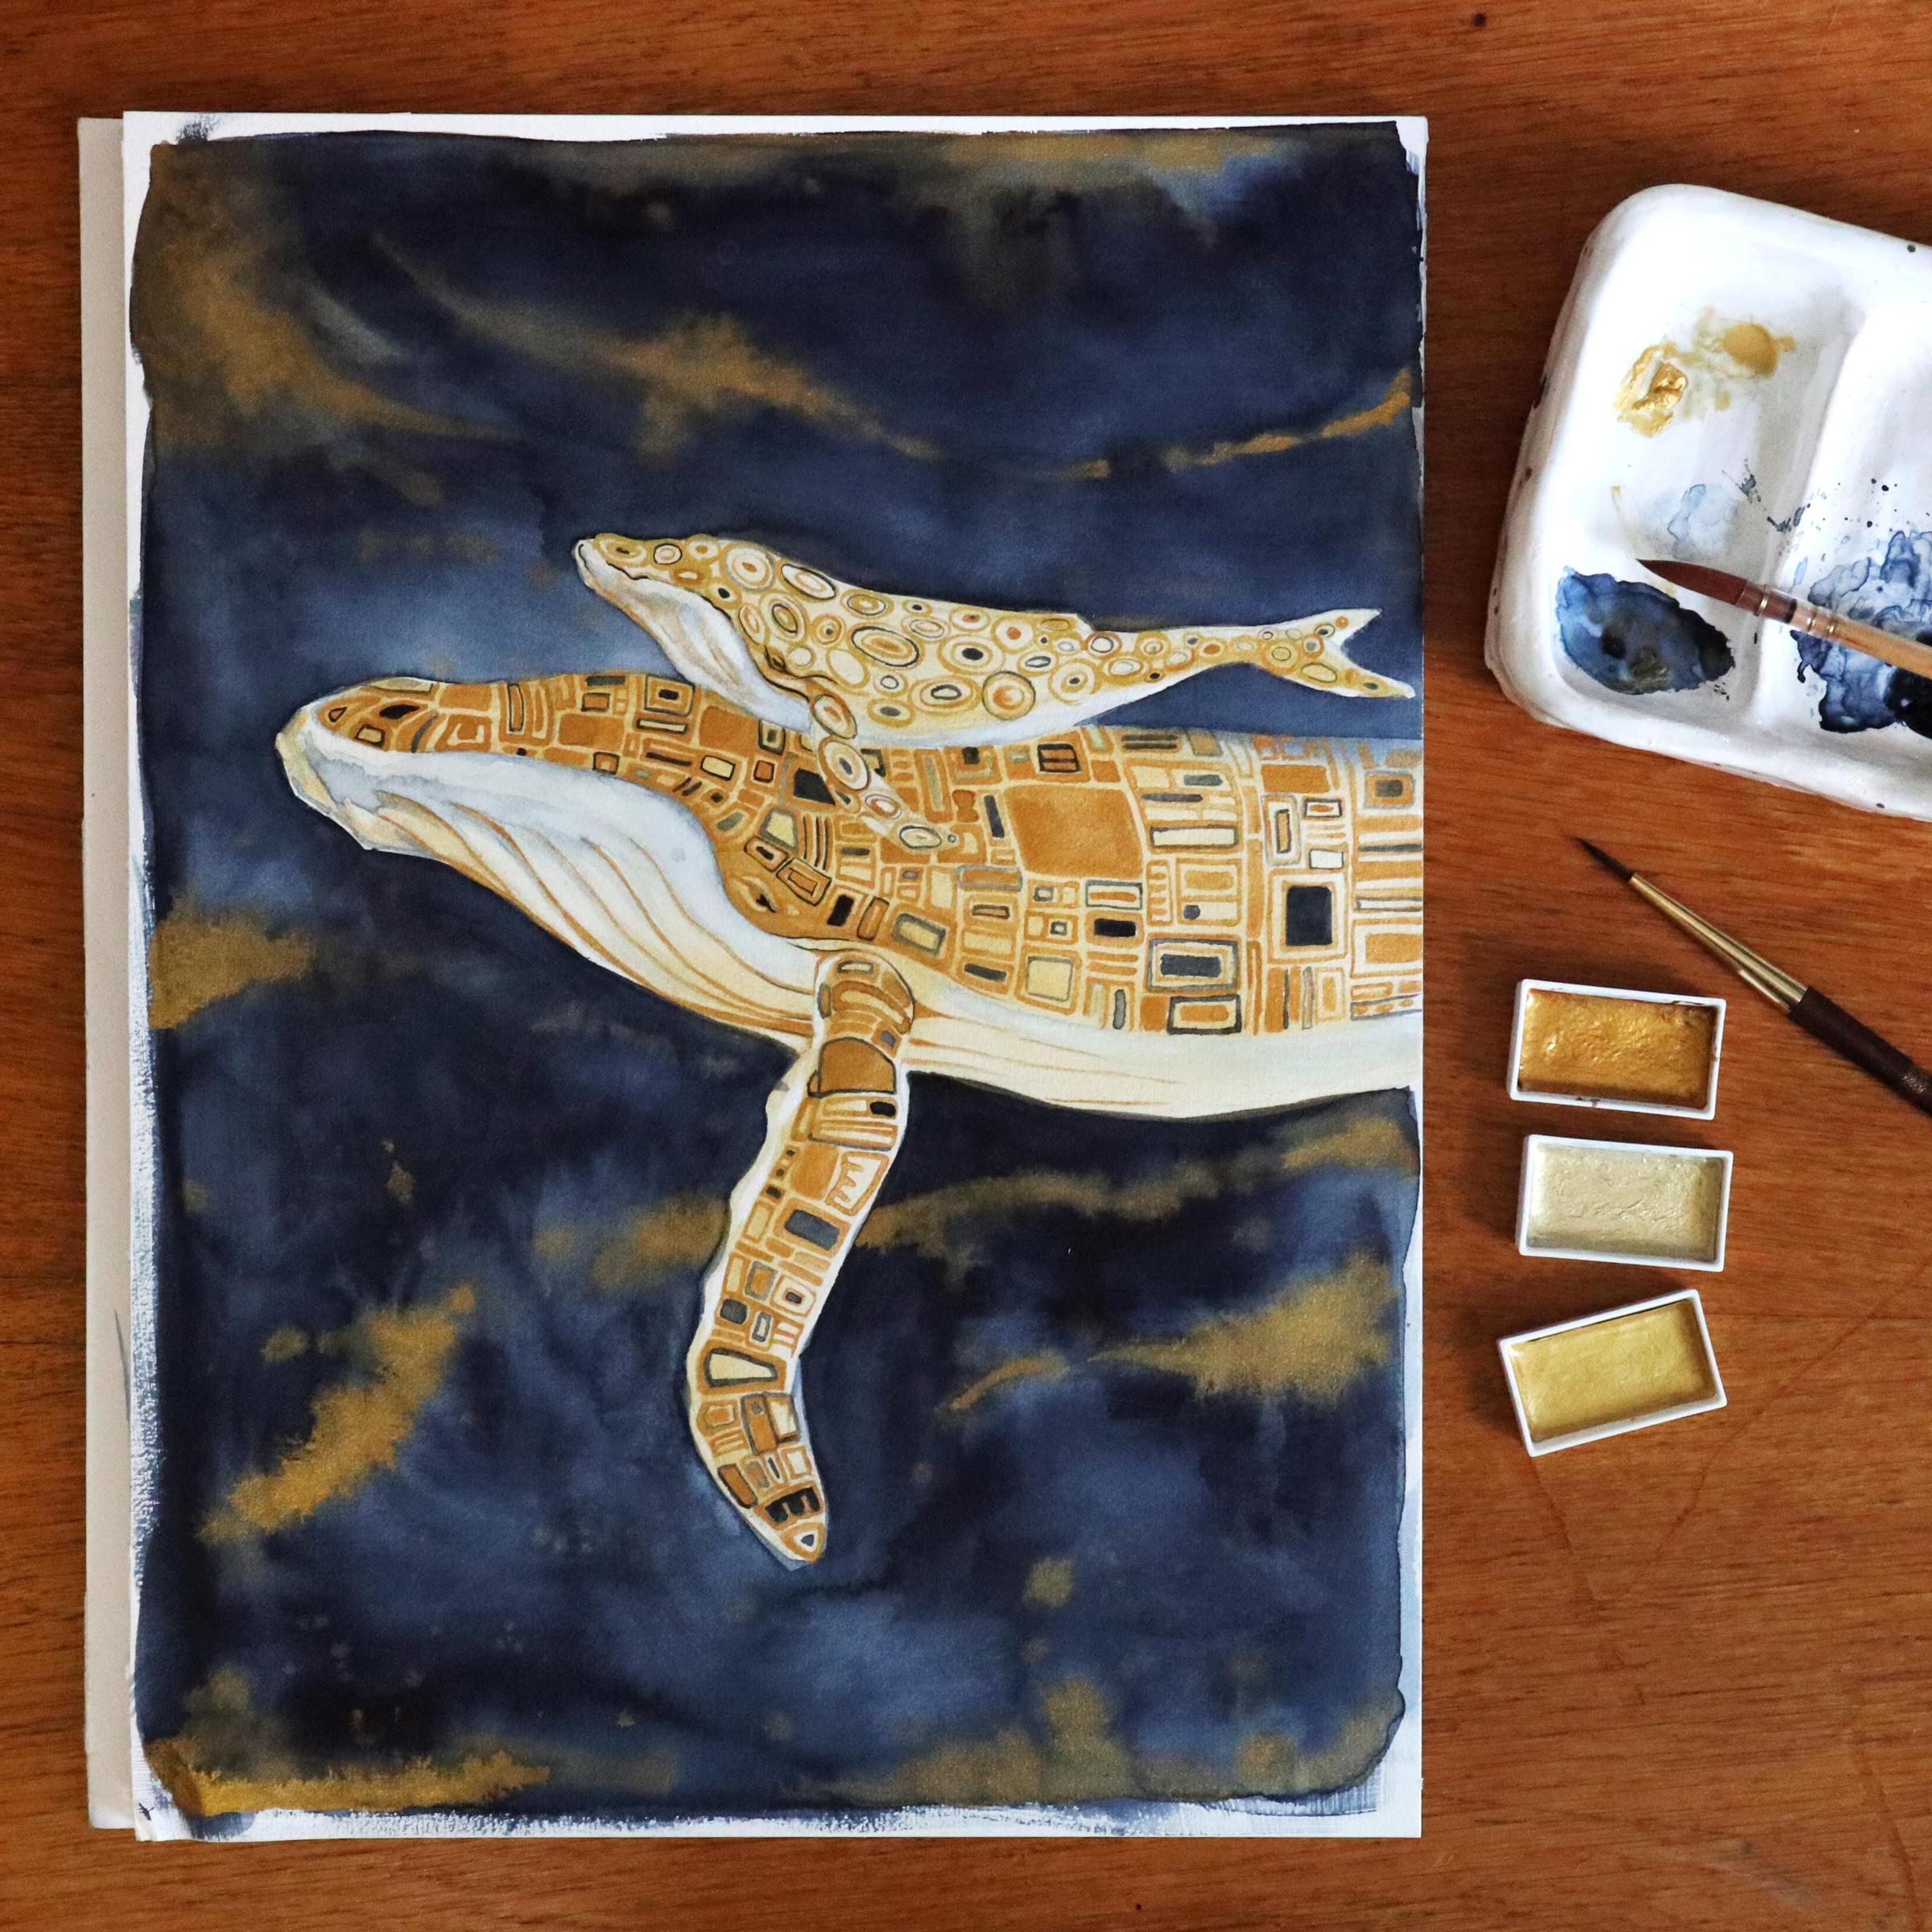 Das fertige Bild mit den beiden goldenen Walen vor einem indigofarbenen Hintergrund.